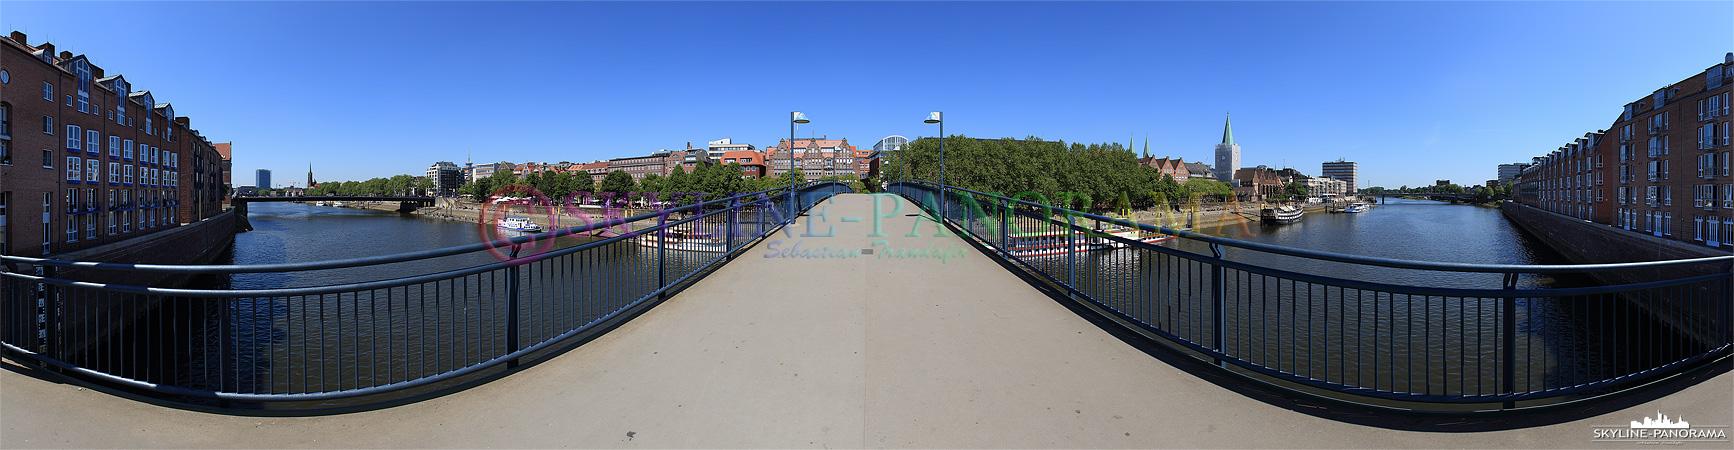 Bilder Bremen - Panorama der Teerhofbrücke in Bremen, sie verbindet die Weserhalbinsel Teerhof mit der Schlachte und der Altstadt von Bremen.